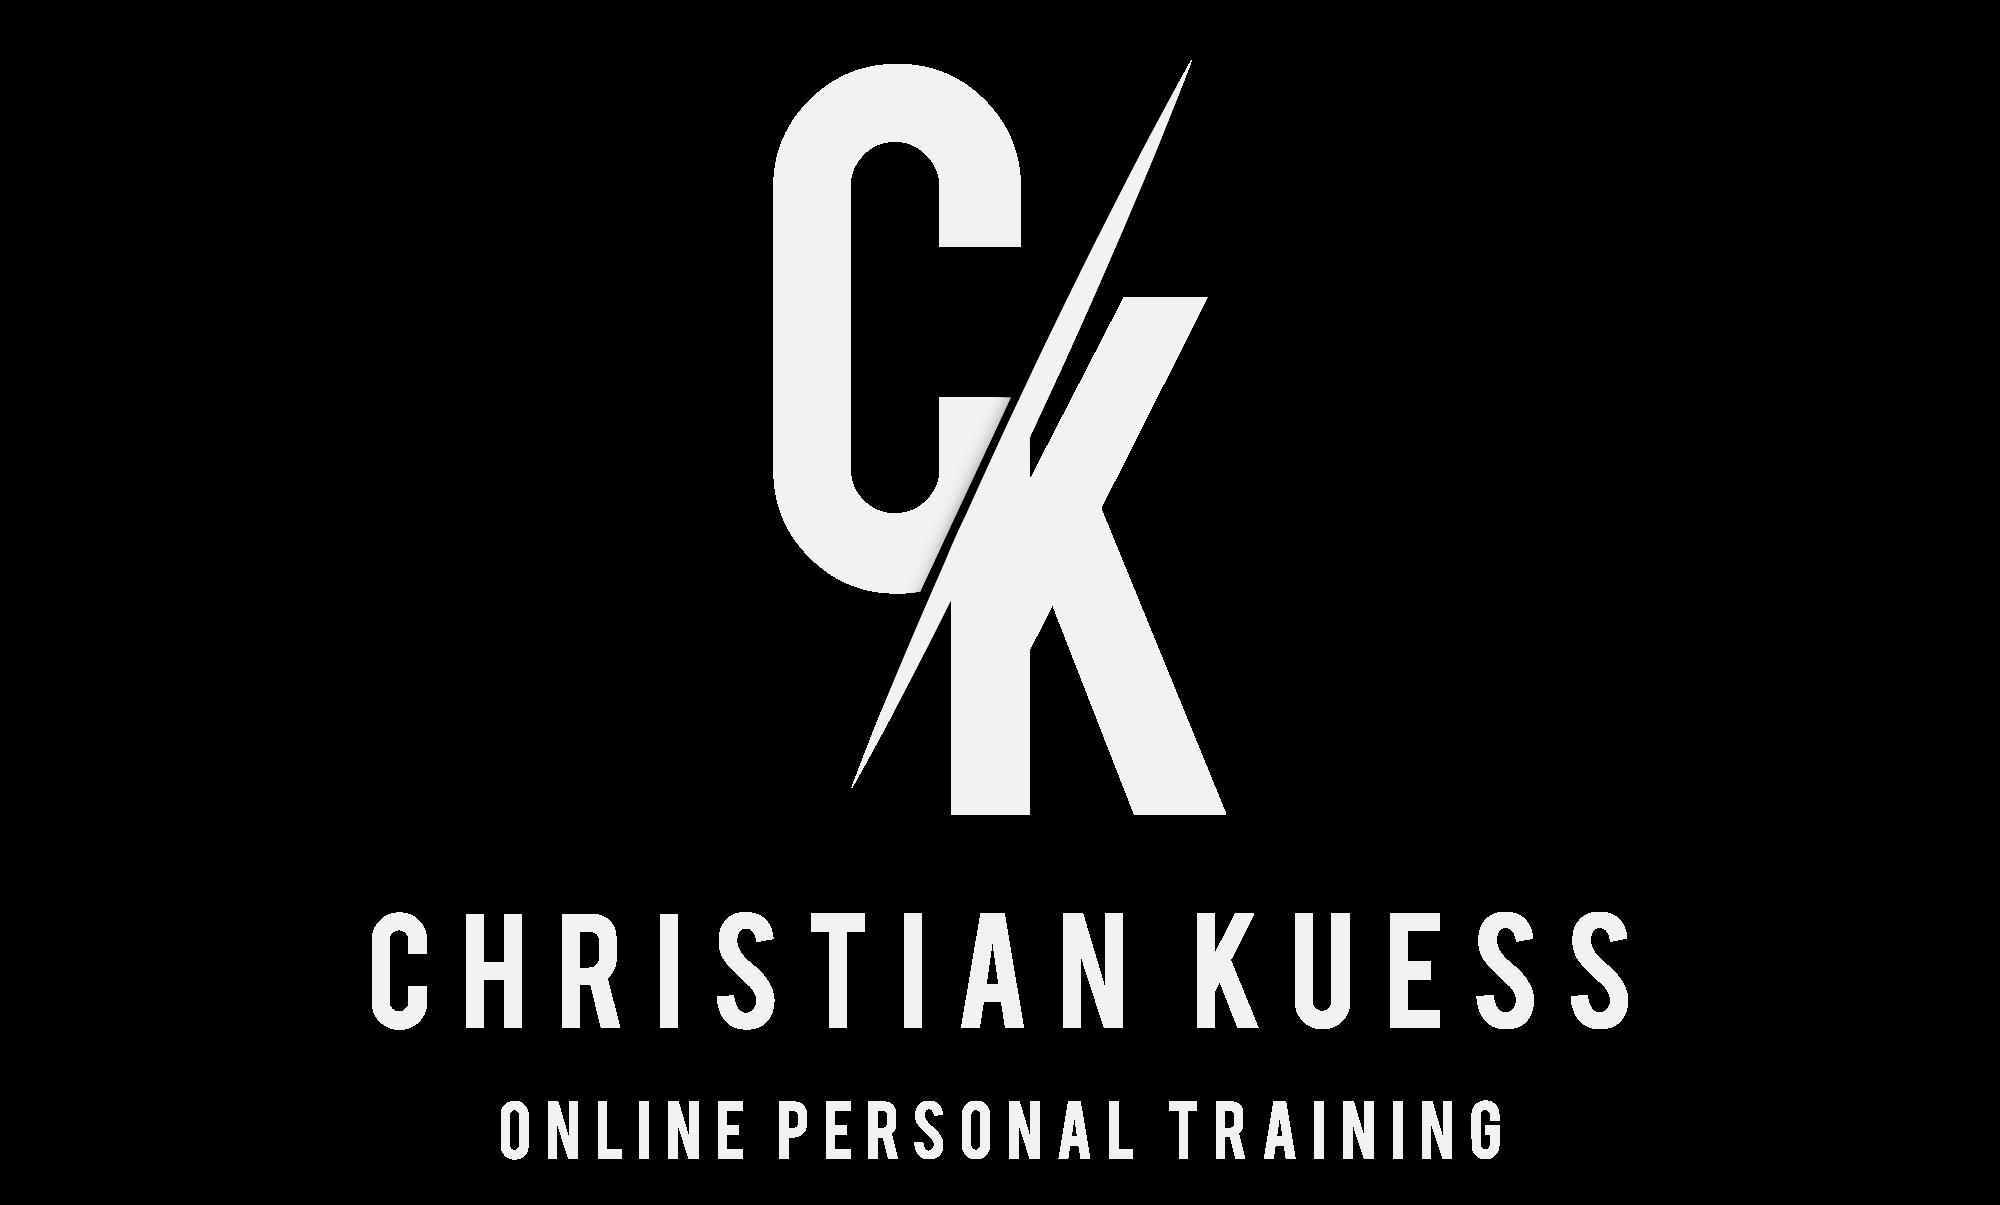 Christian Kuess